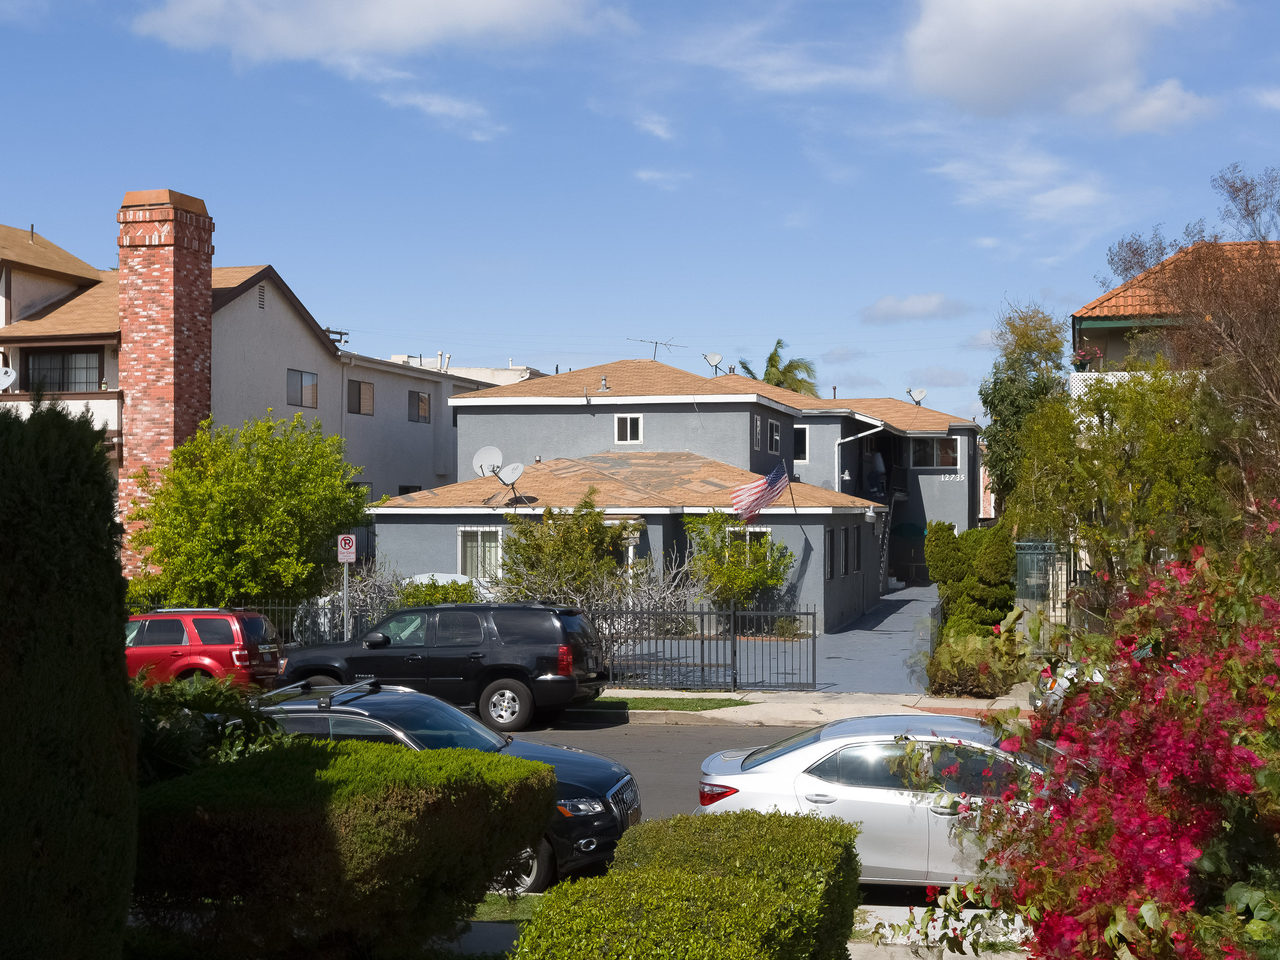 12737 Mitchell Los Angeles CA-MLS_Size-002-55-12737 Mitchell 02 of 35-1280x960-72dpi.jpg